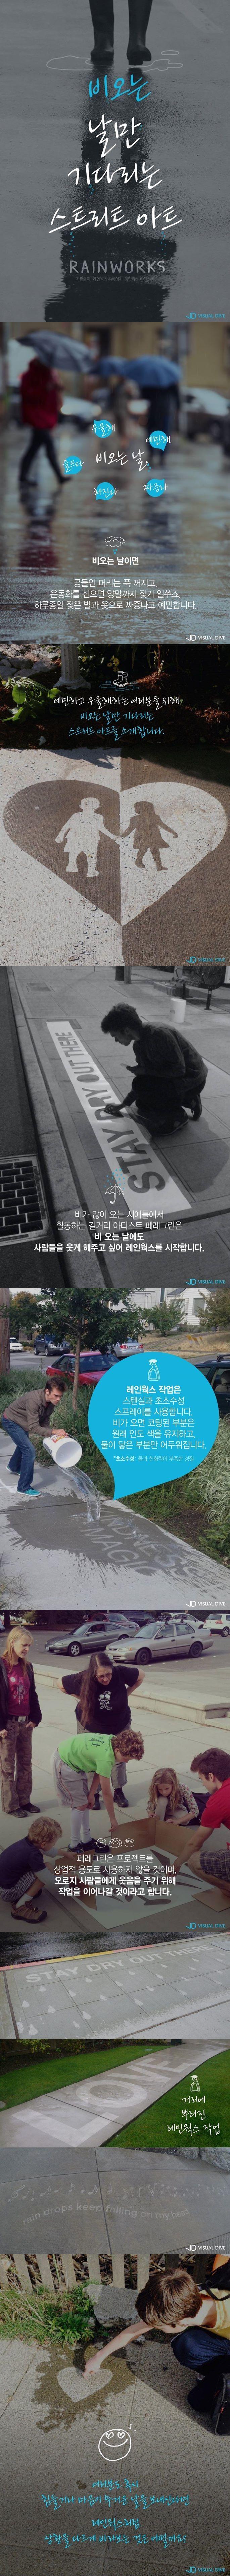 비오는 날만 기다리는 스트리트 아트, 레인웍스 [카드뉴스] #Streetart / #Cardnews ⓒ 비주얼다이브 무단 복사·전재·재배포 금지